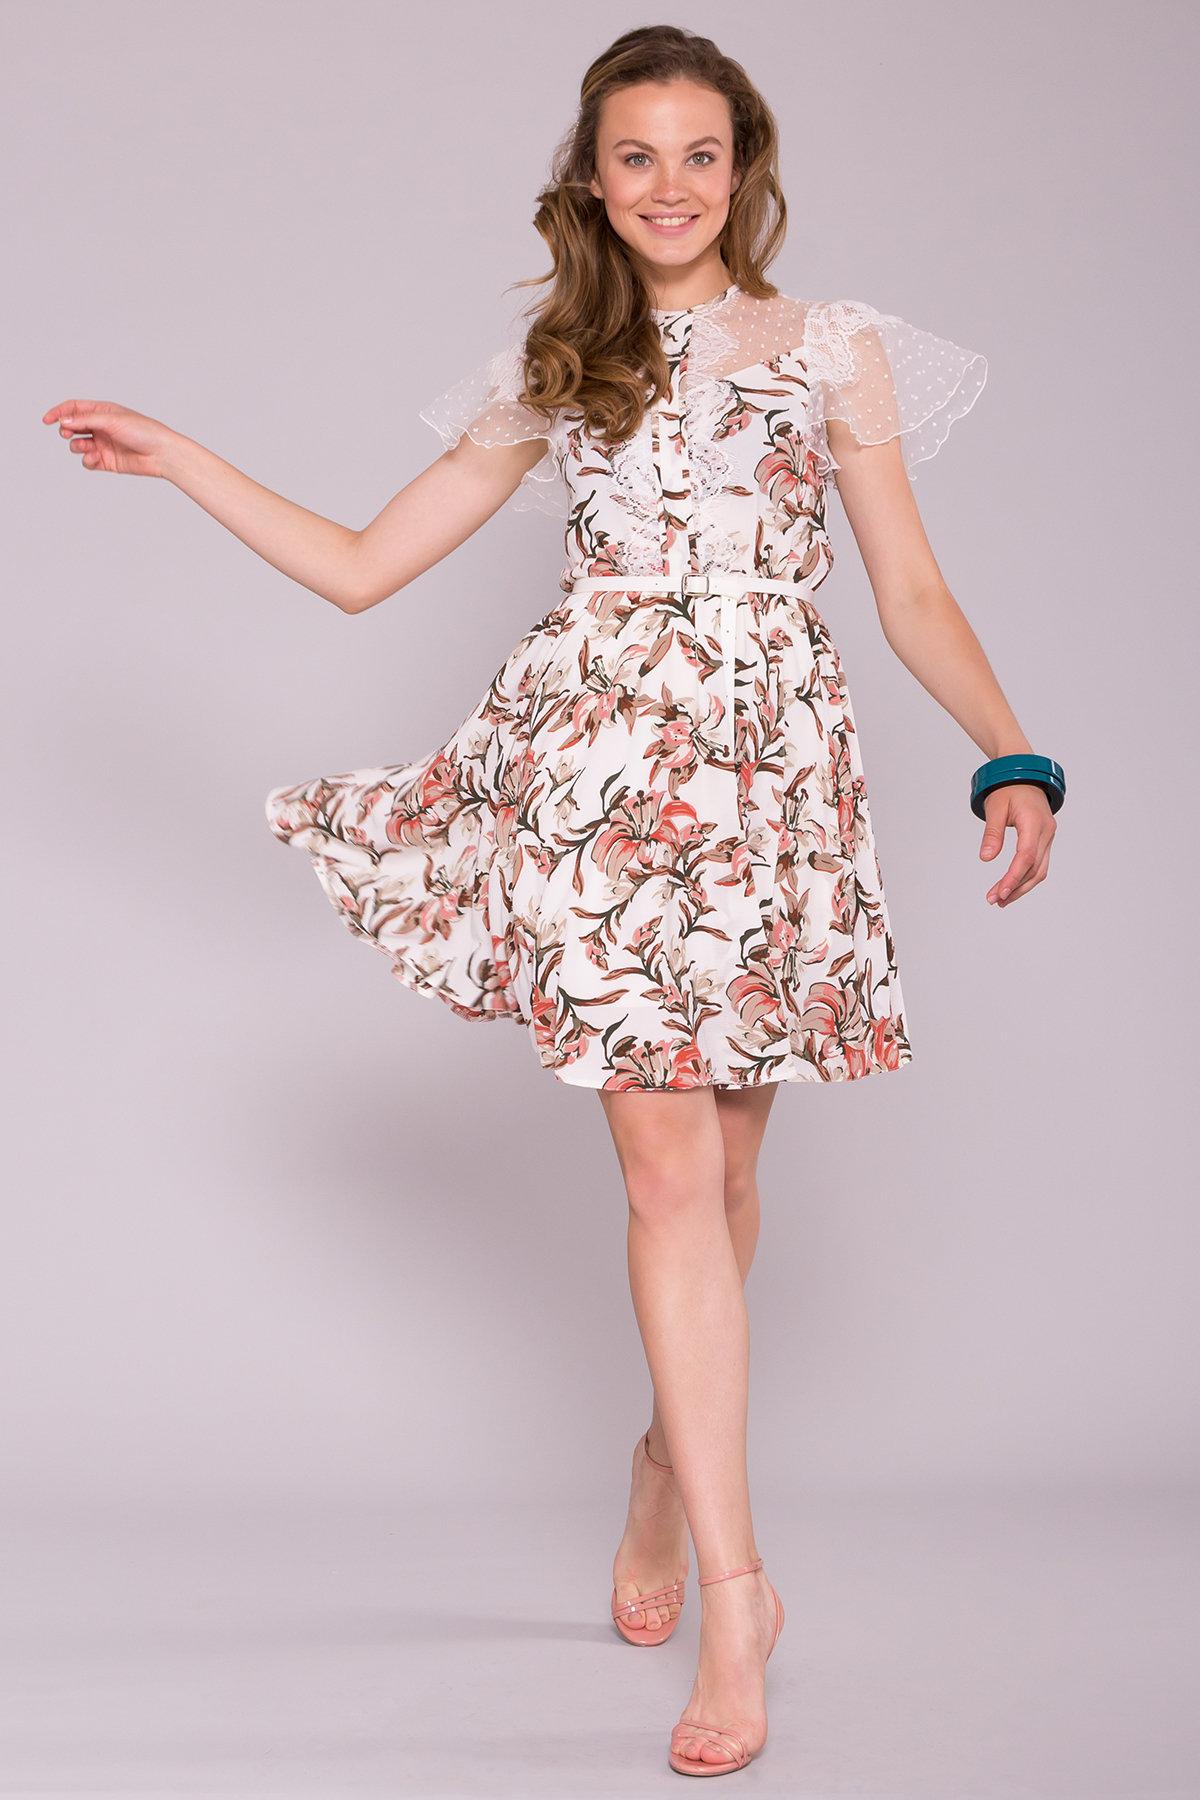 Легкое Платье Ламара 7221 АРТ. 42784 Цвет: Лилии коралл/молоко - фото 1, интернет магазин tm-modus.ru